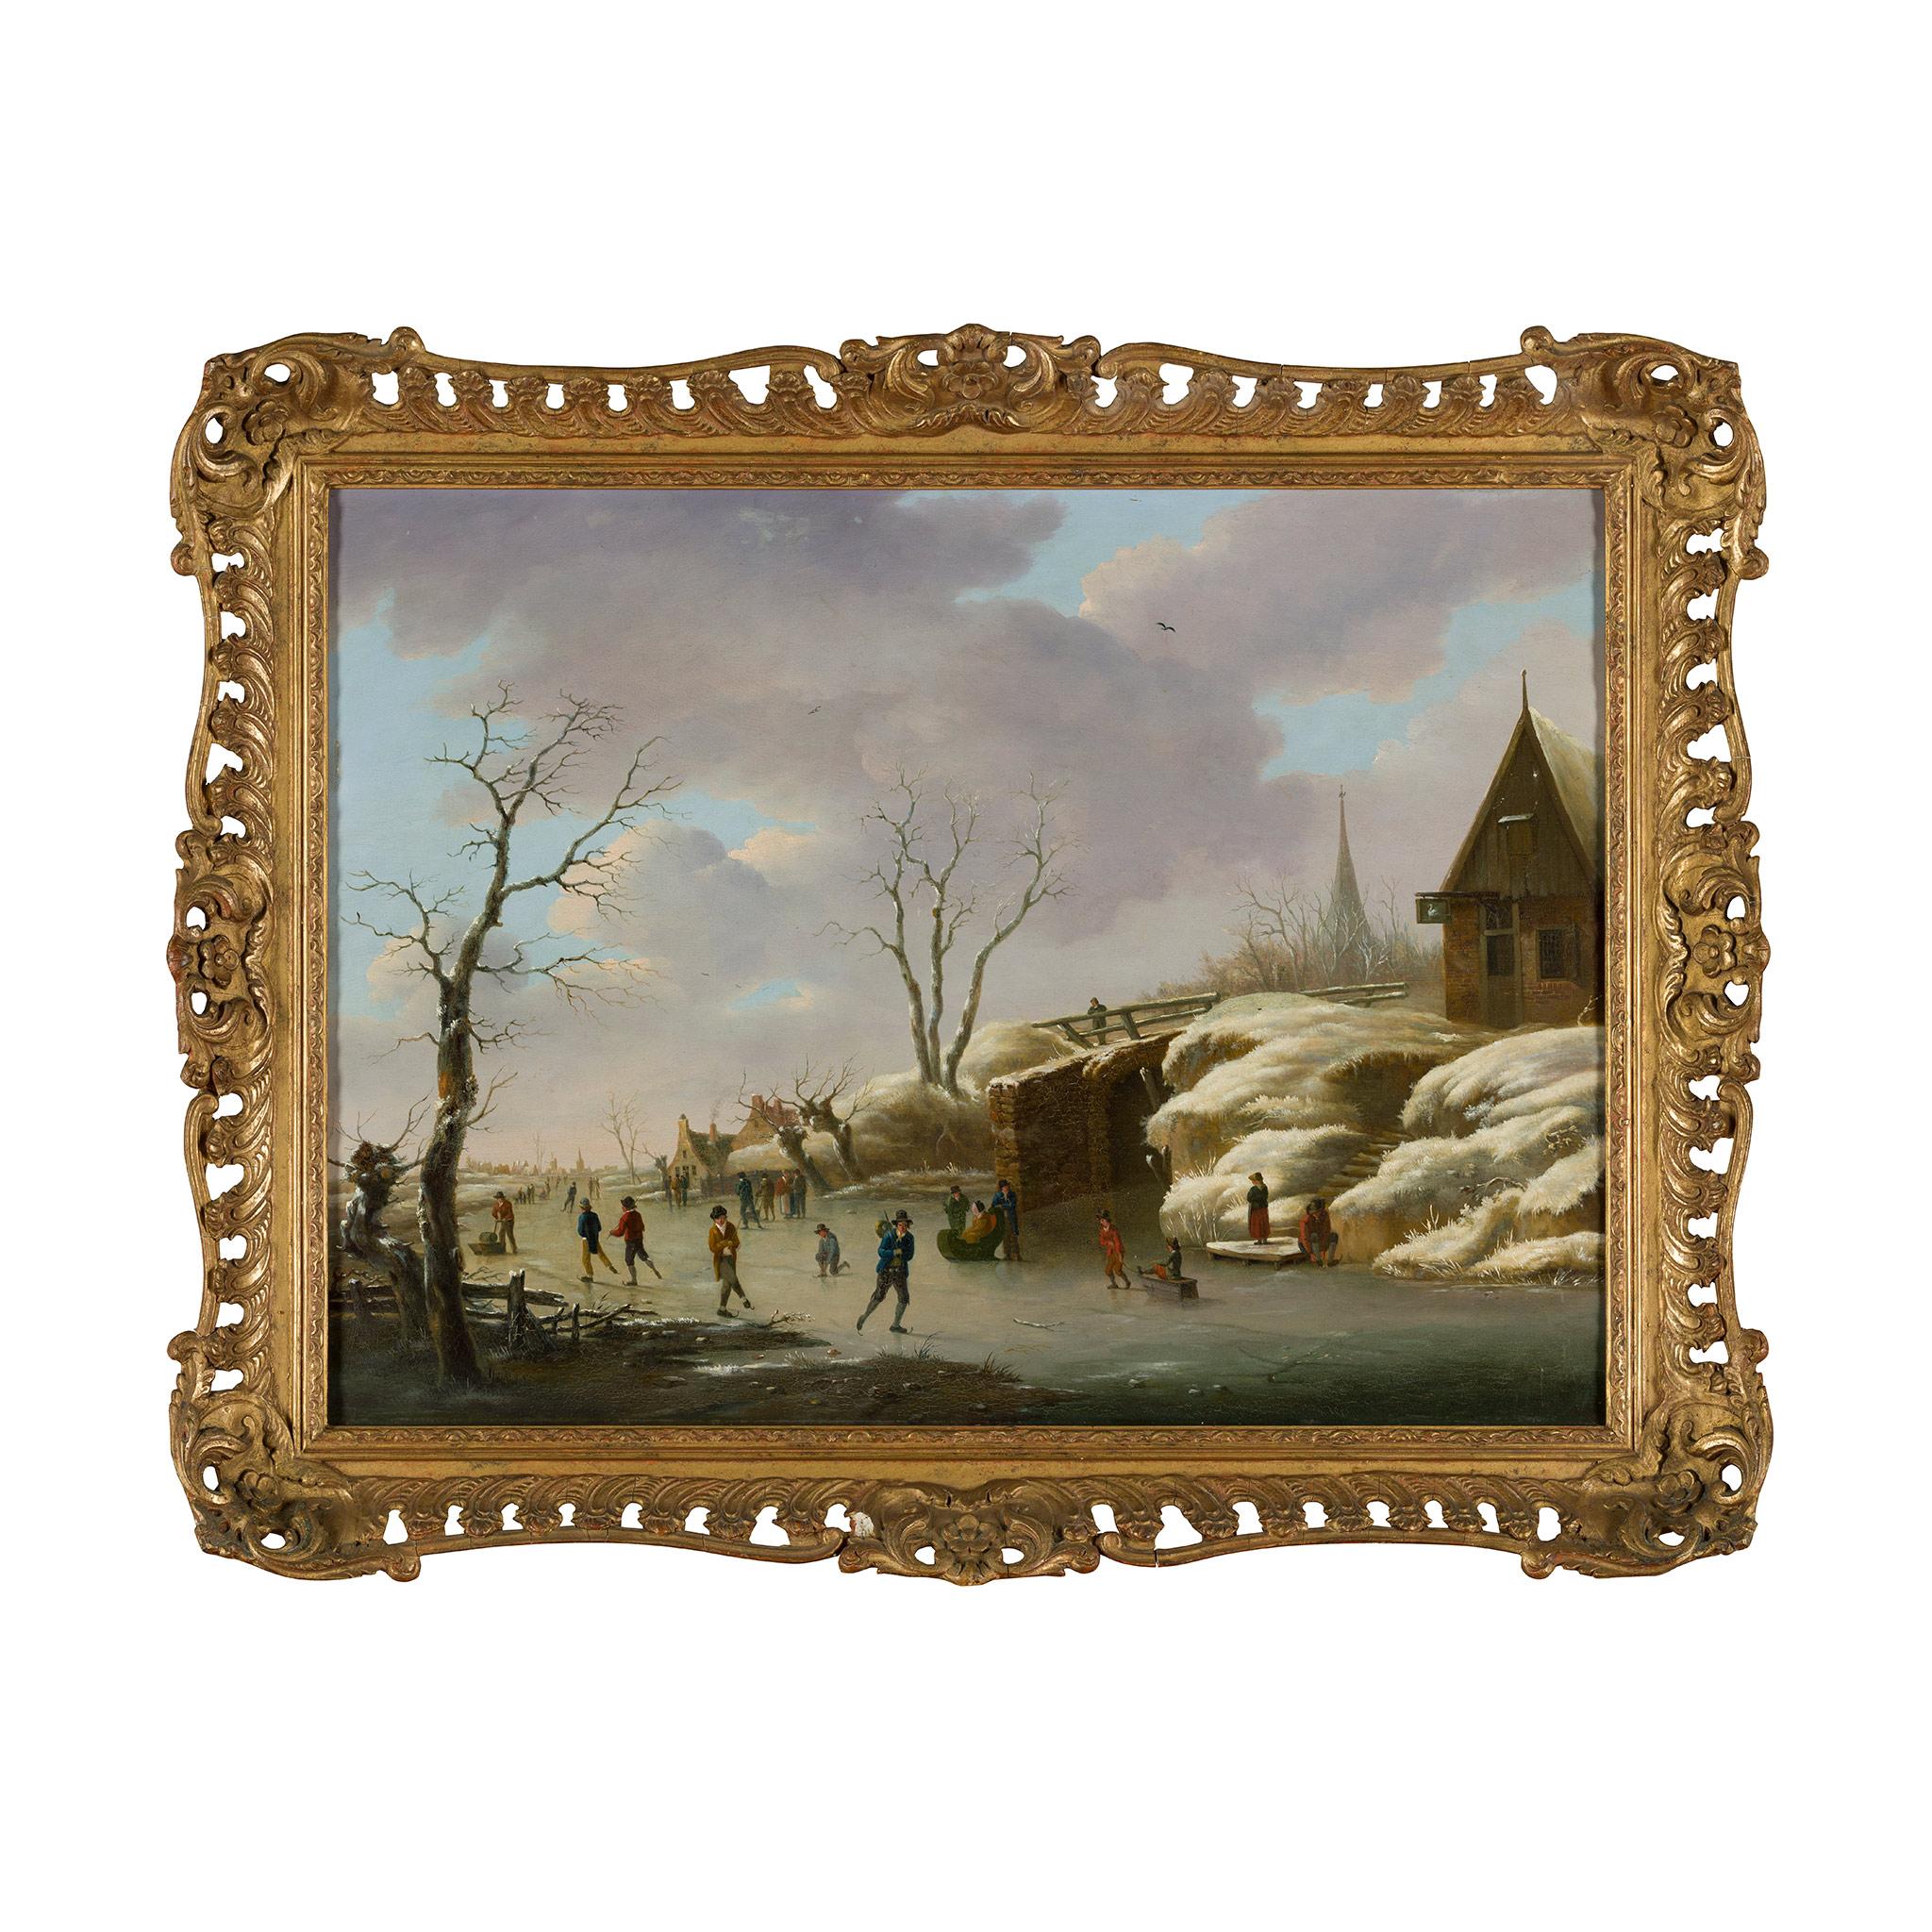 HERMANUS DONSELAER (BELGIAN 1761-1829) A WINTER LANDSCAPE WITH FIGURES SKATING - Image 2 of 2